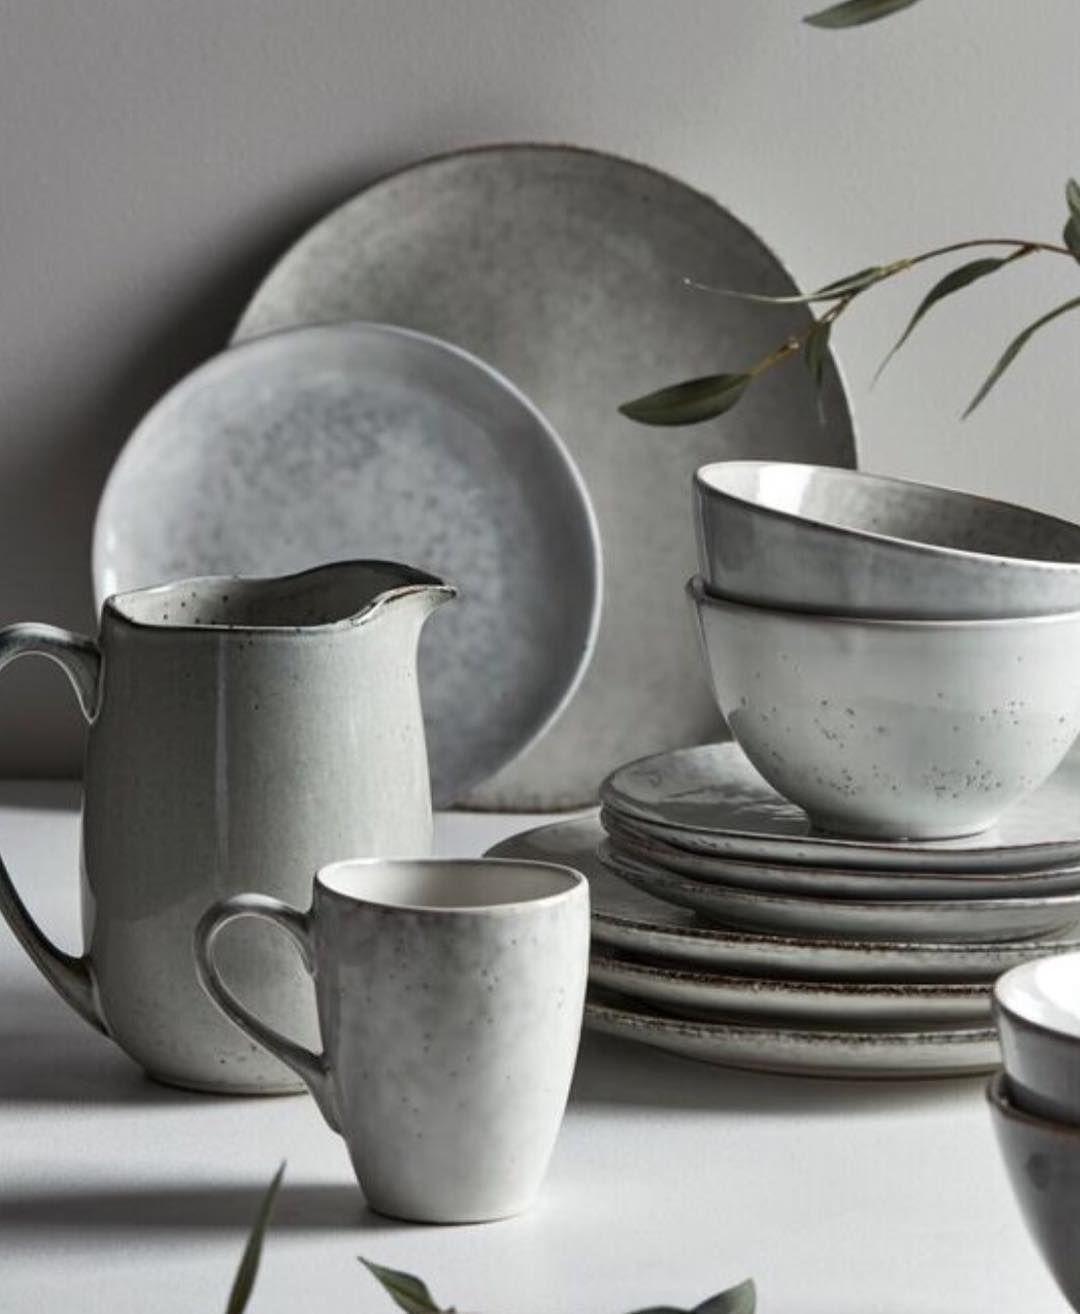 Coxandcox Soro Stoneware Dinnerware Stoneware Dinnerware Luxury Kitchenware Tableware